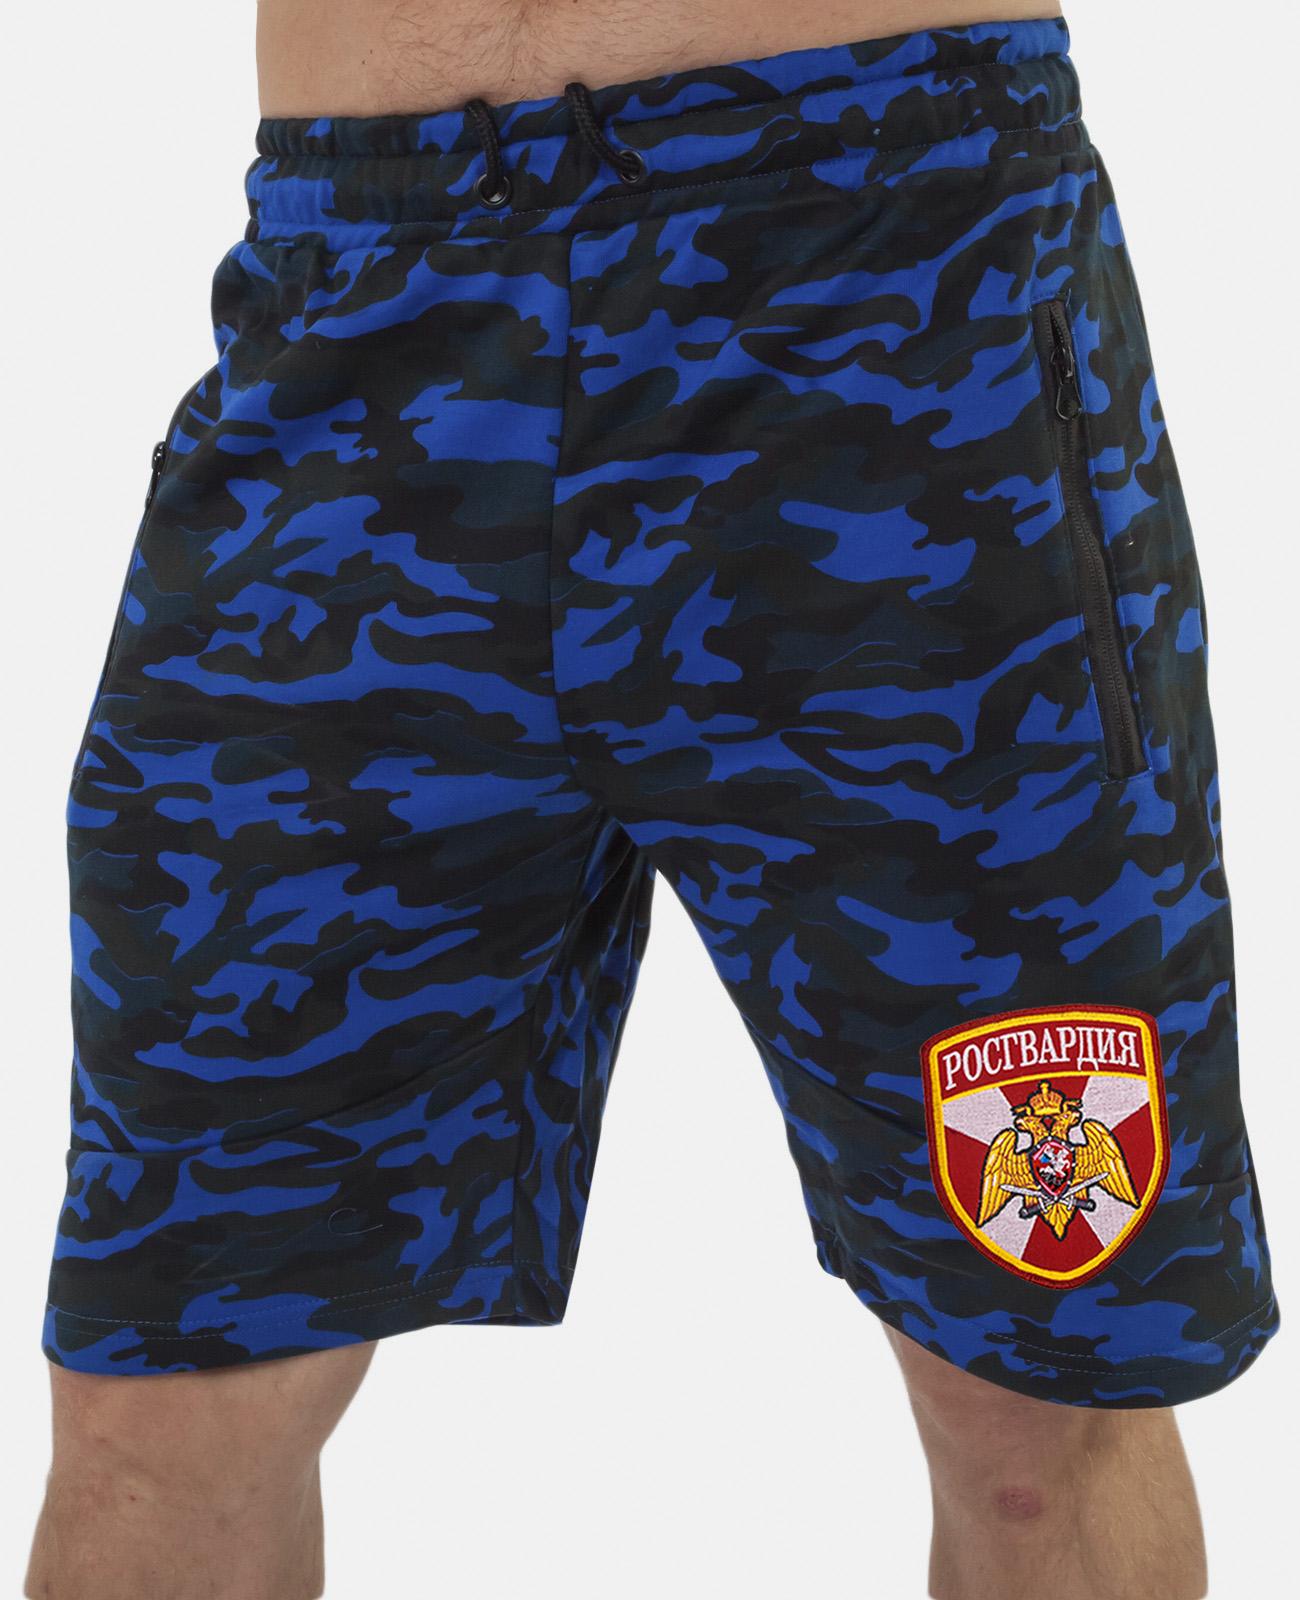 Купить армейские милитари шорты с нашивкой Росгвардия с доставкой в любой город